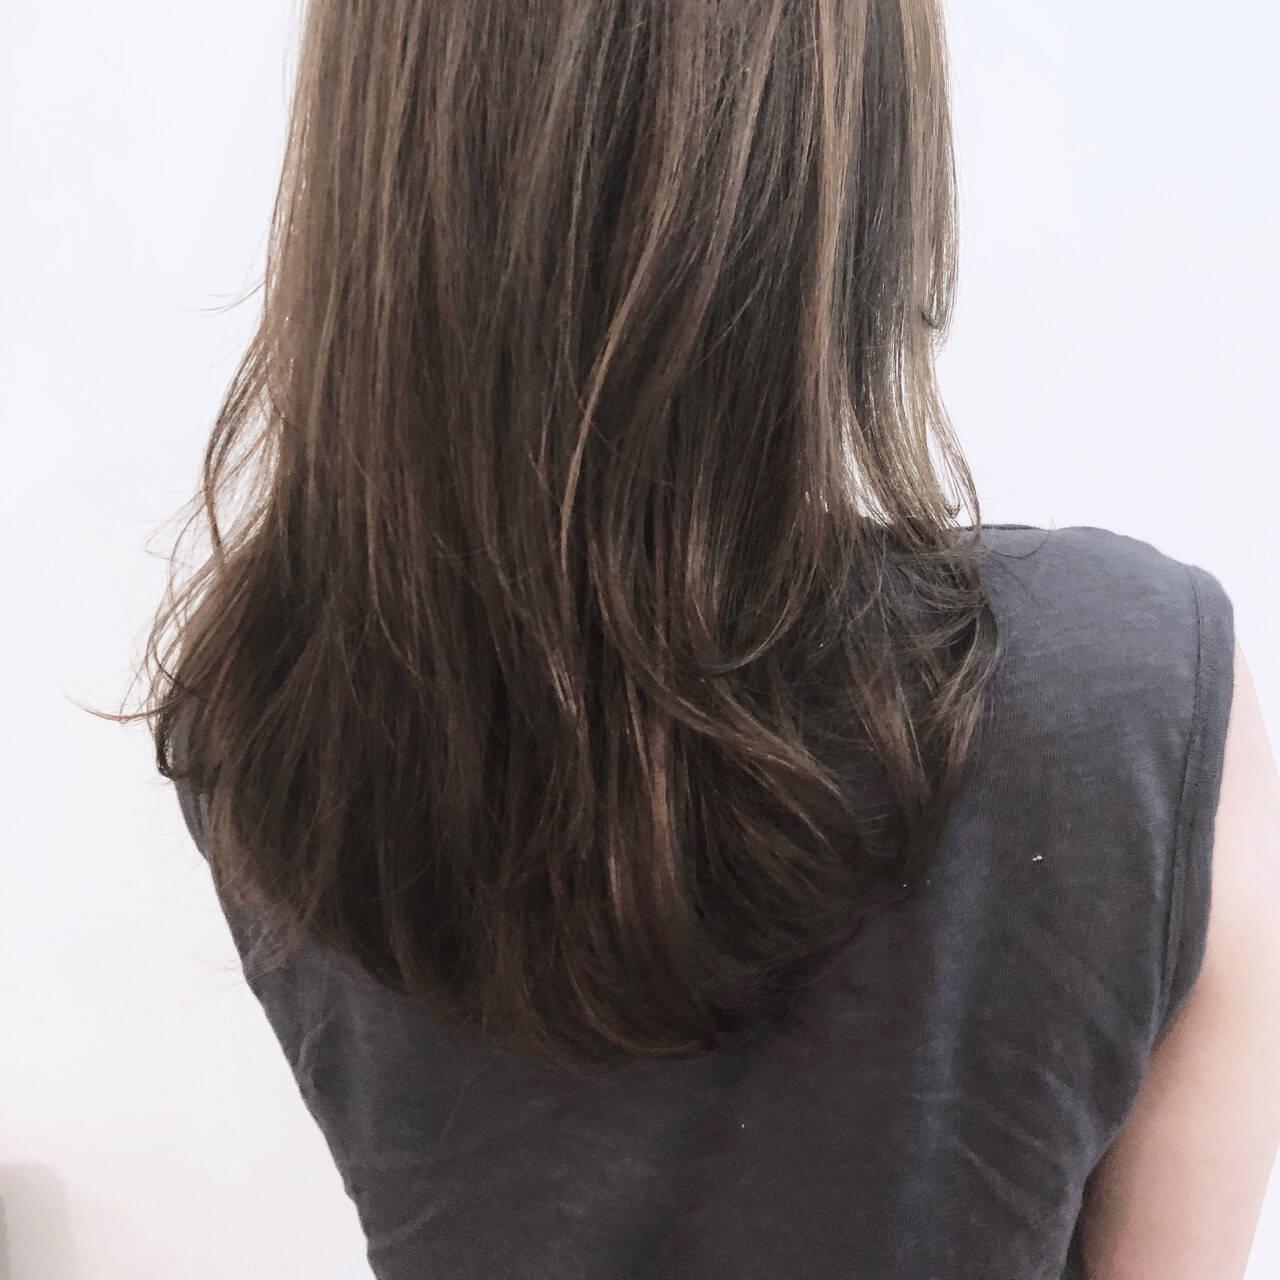 前髪あり ナチュラル フェミニン アッシュヘアスタイルや髪型の写真・画像